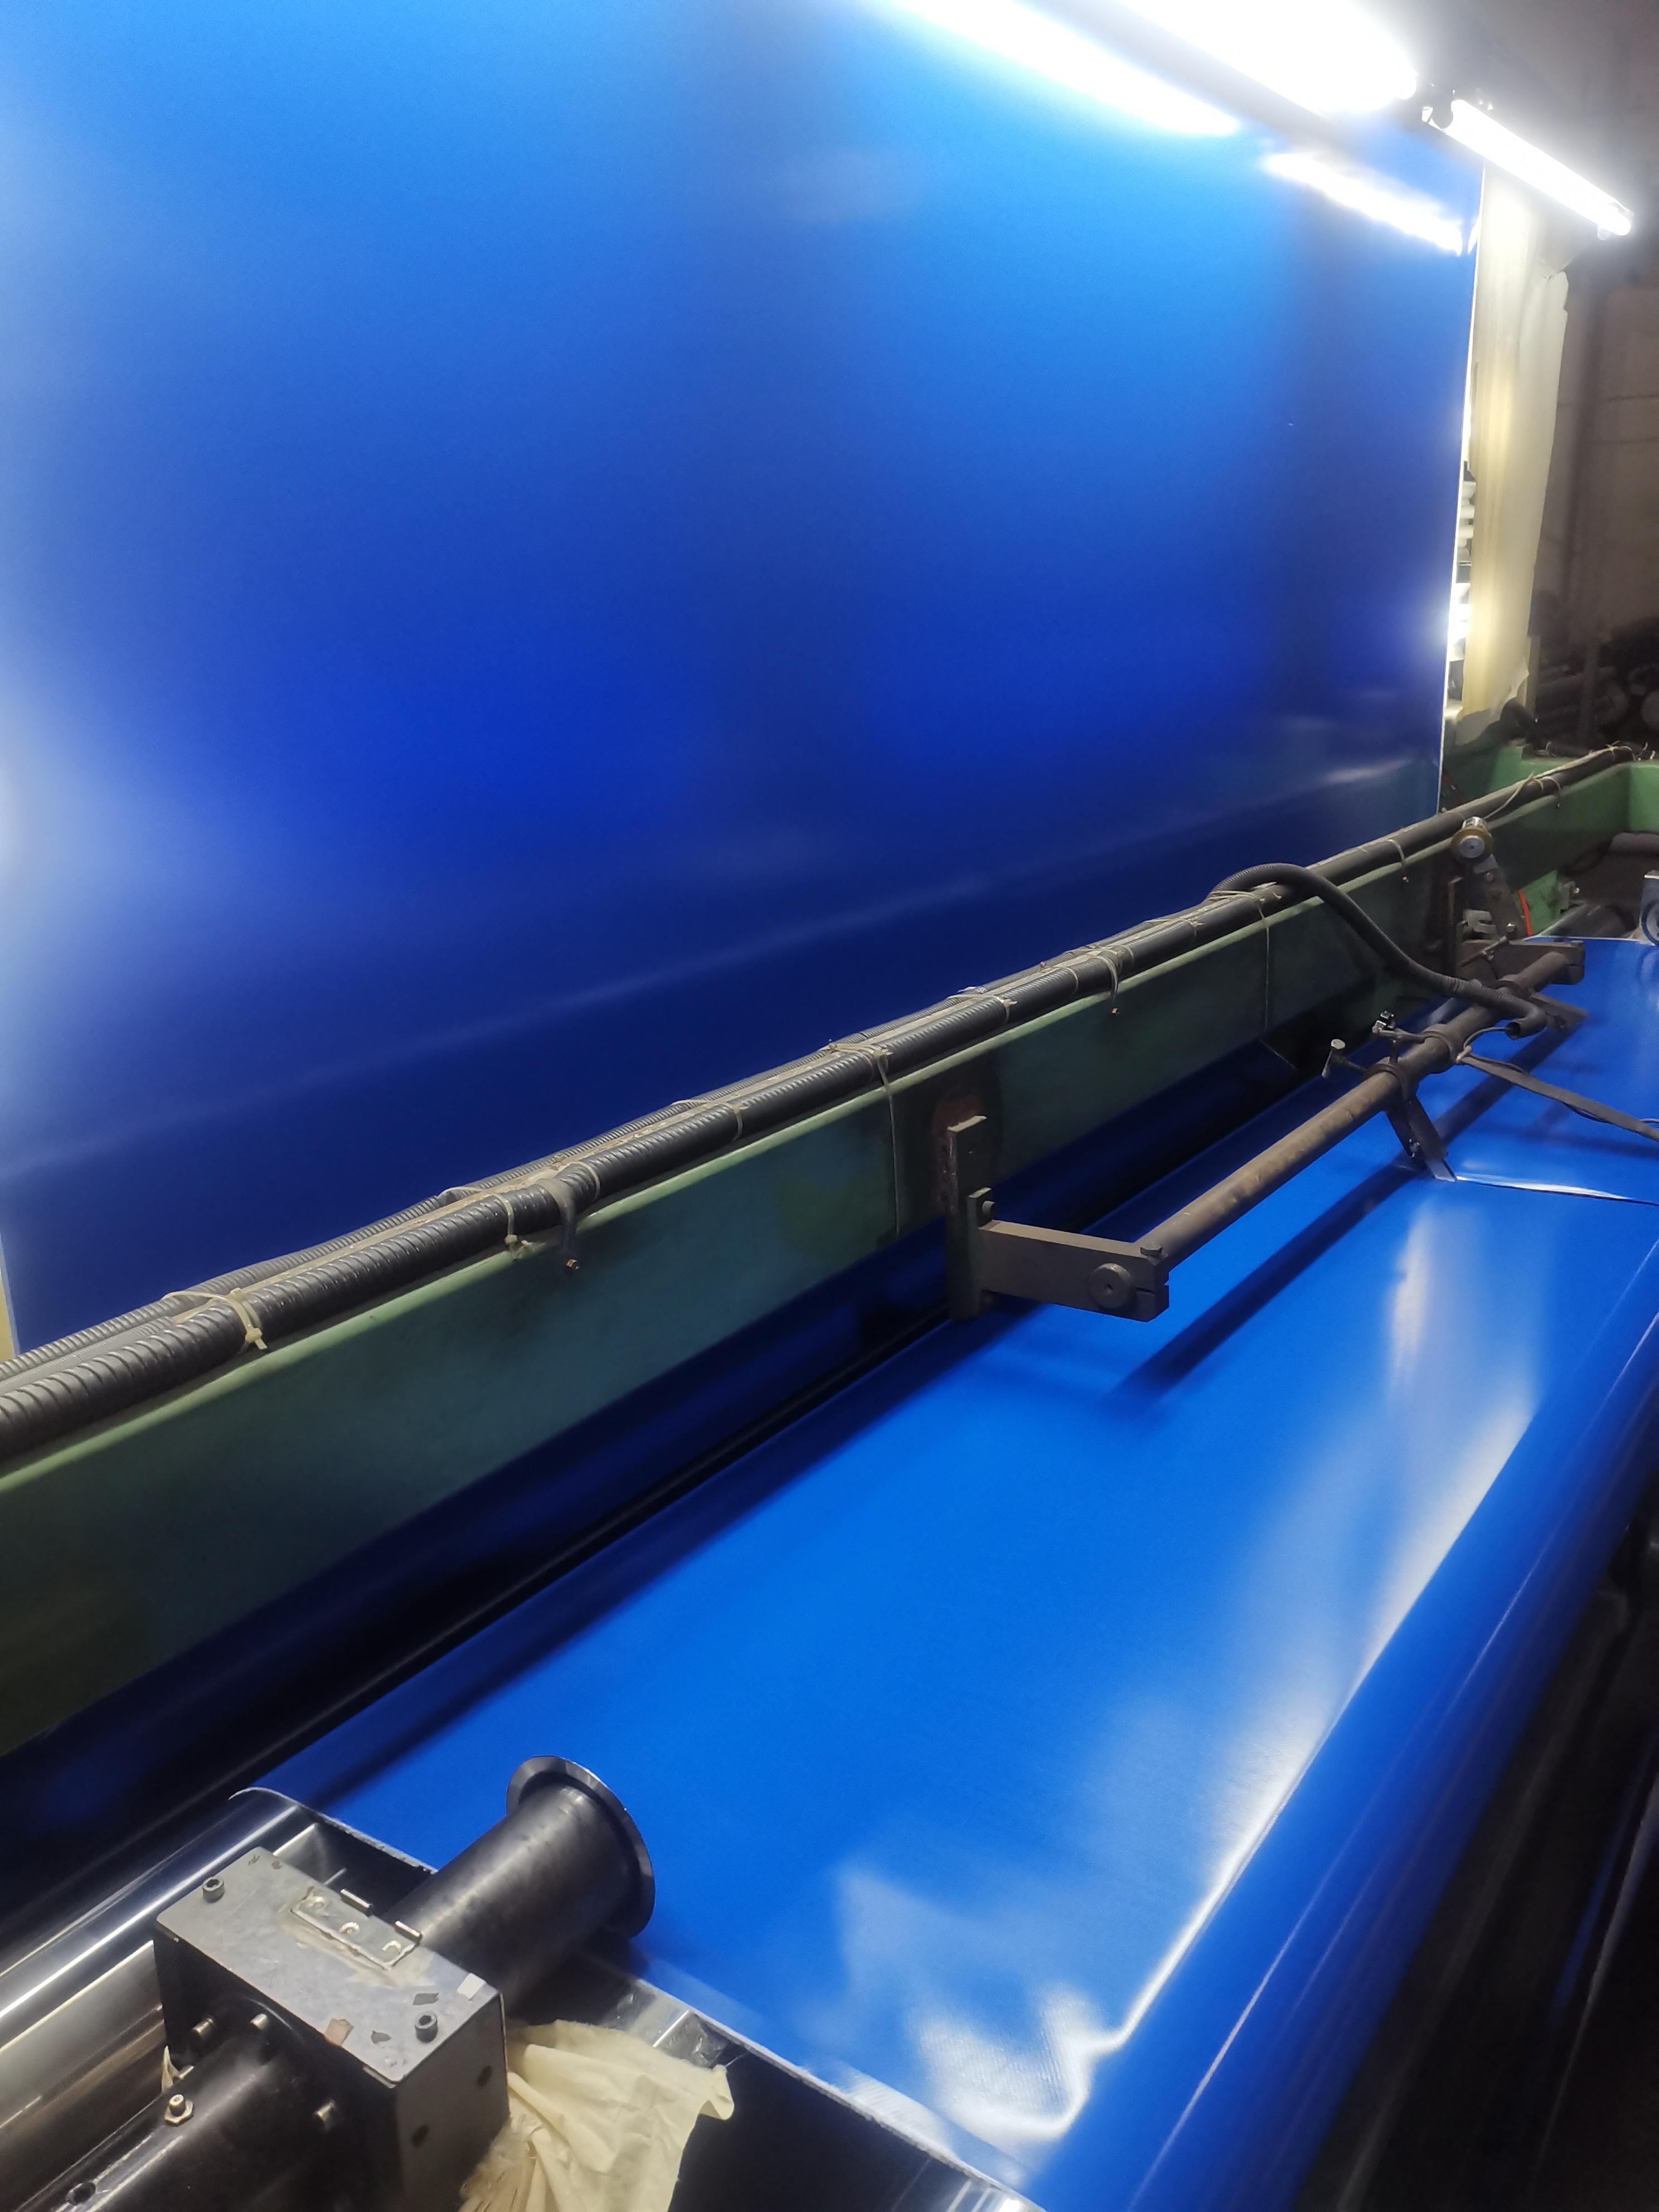 Водонепроницаемый пластиковый брезент брезенты ПВХ сверхпрочный брезент ПВХ чехол для грузовика ПВХ Брезентовая ткань